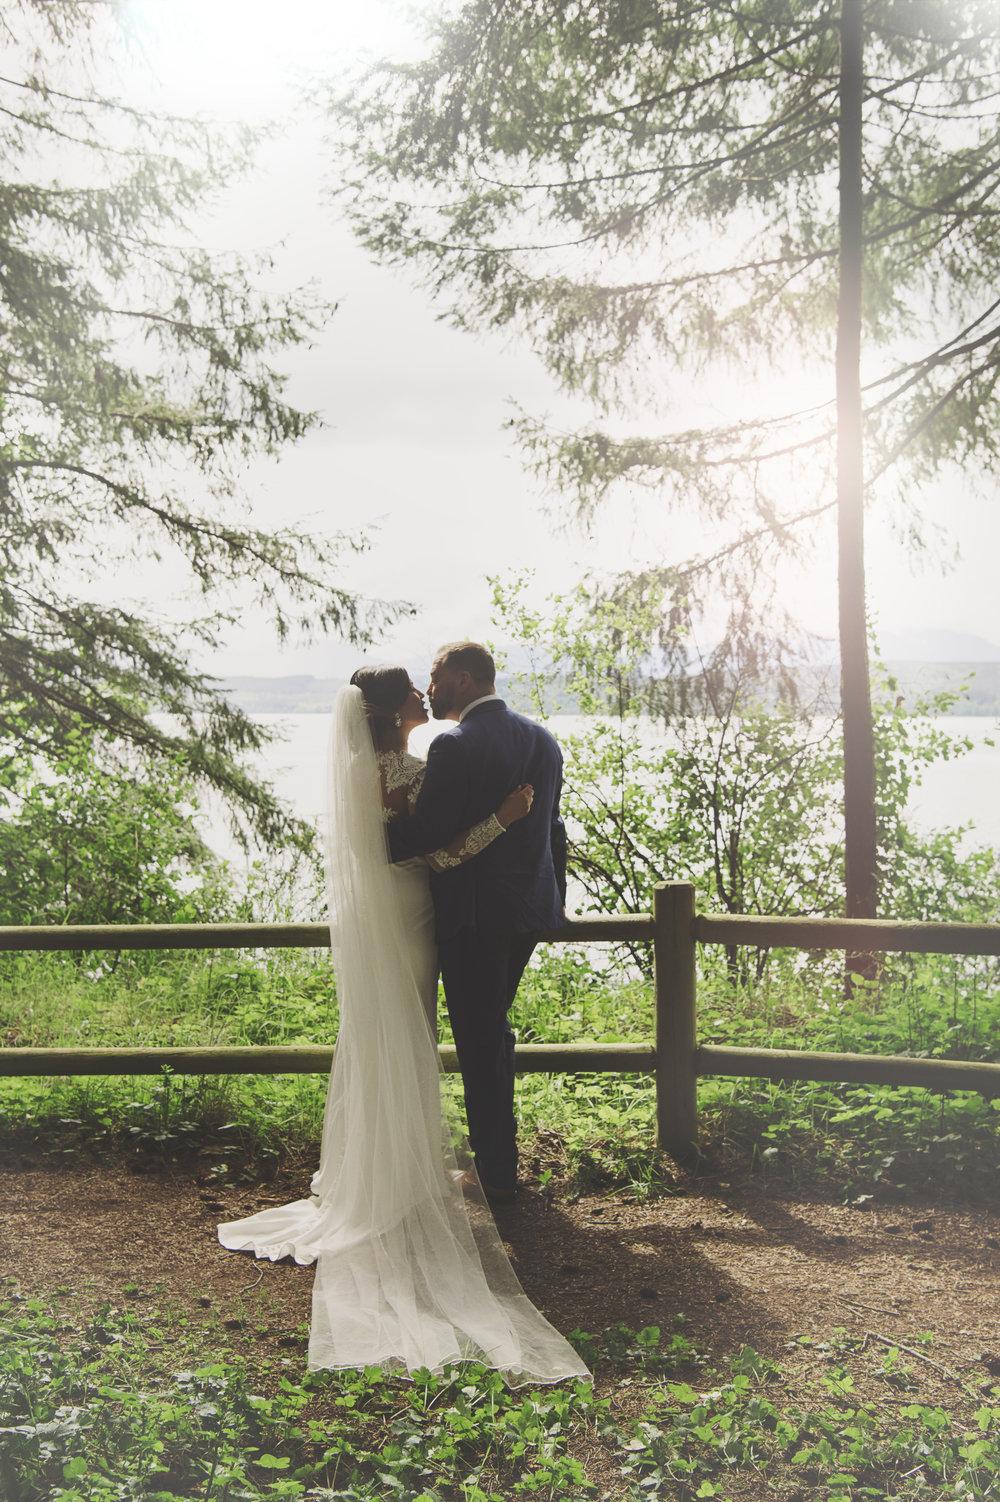 Kim La Plante + Nick Samet_Poulsbo Wedding_Kitsap Memorial Park Wedding_Kelsey Lane Photography-9645 copy.jpg